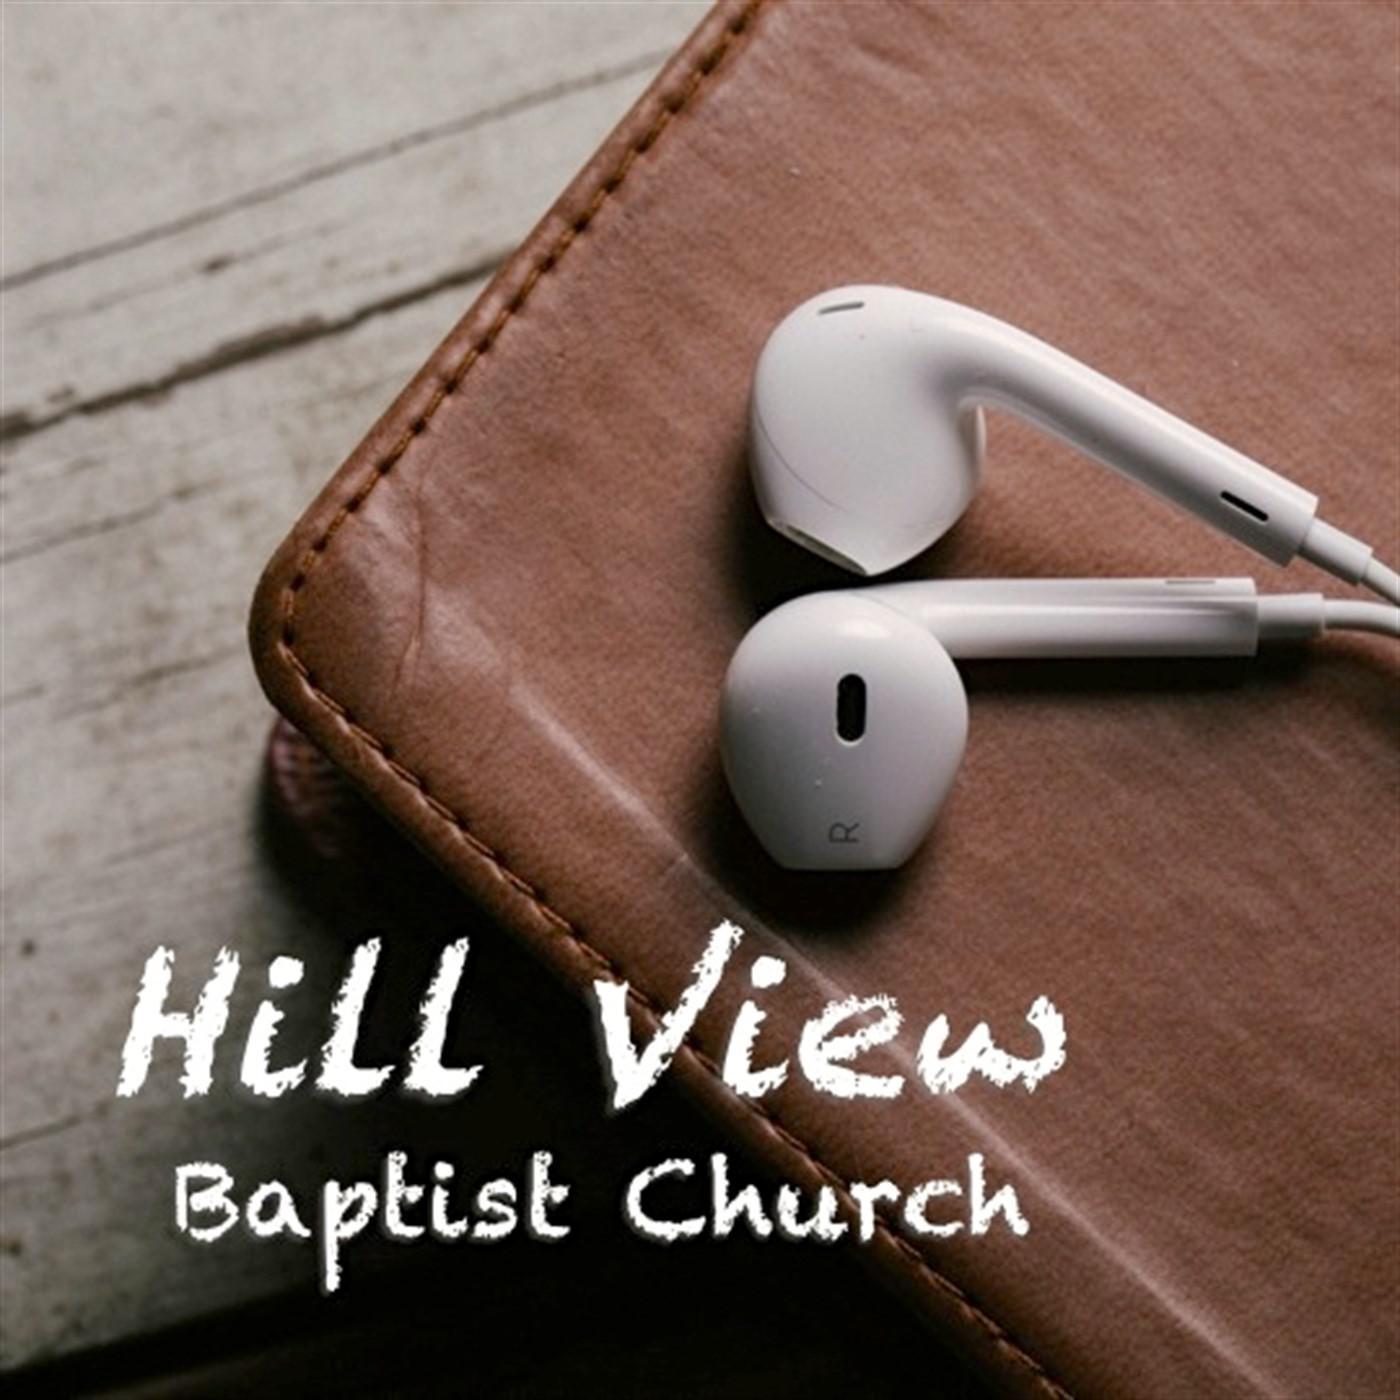 Hill View Baptist Church (podcast) - David Bartlett | Listen Notes